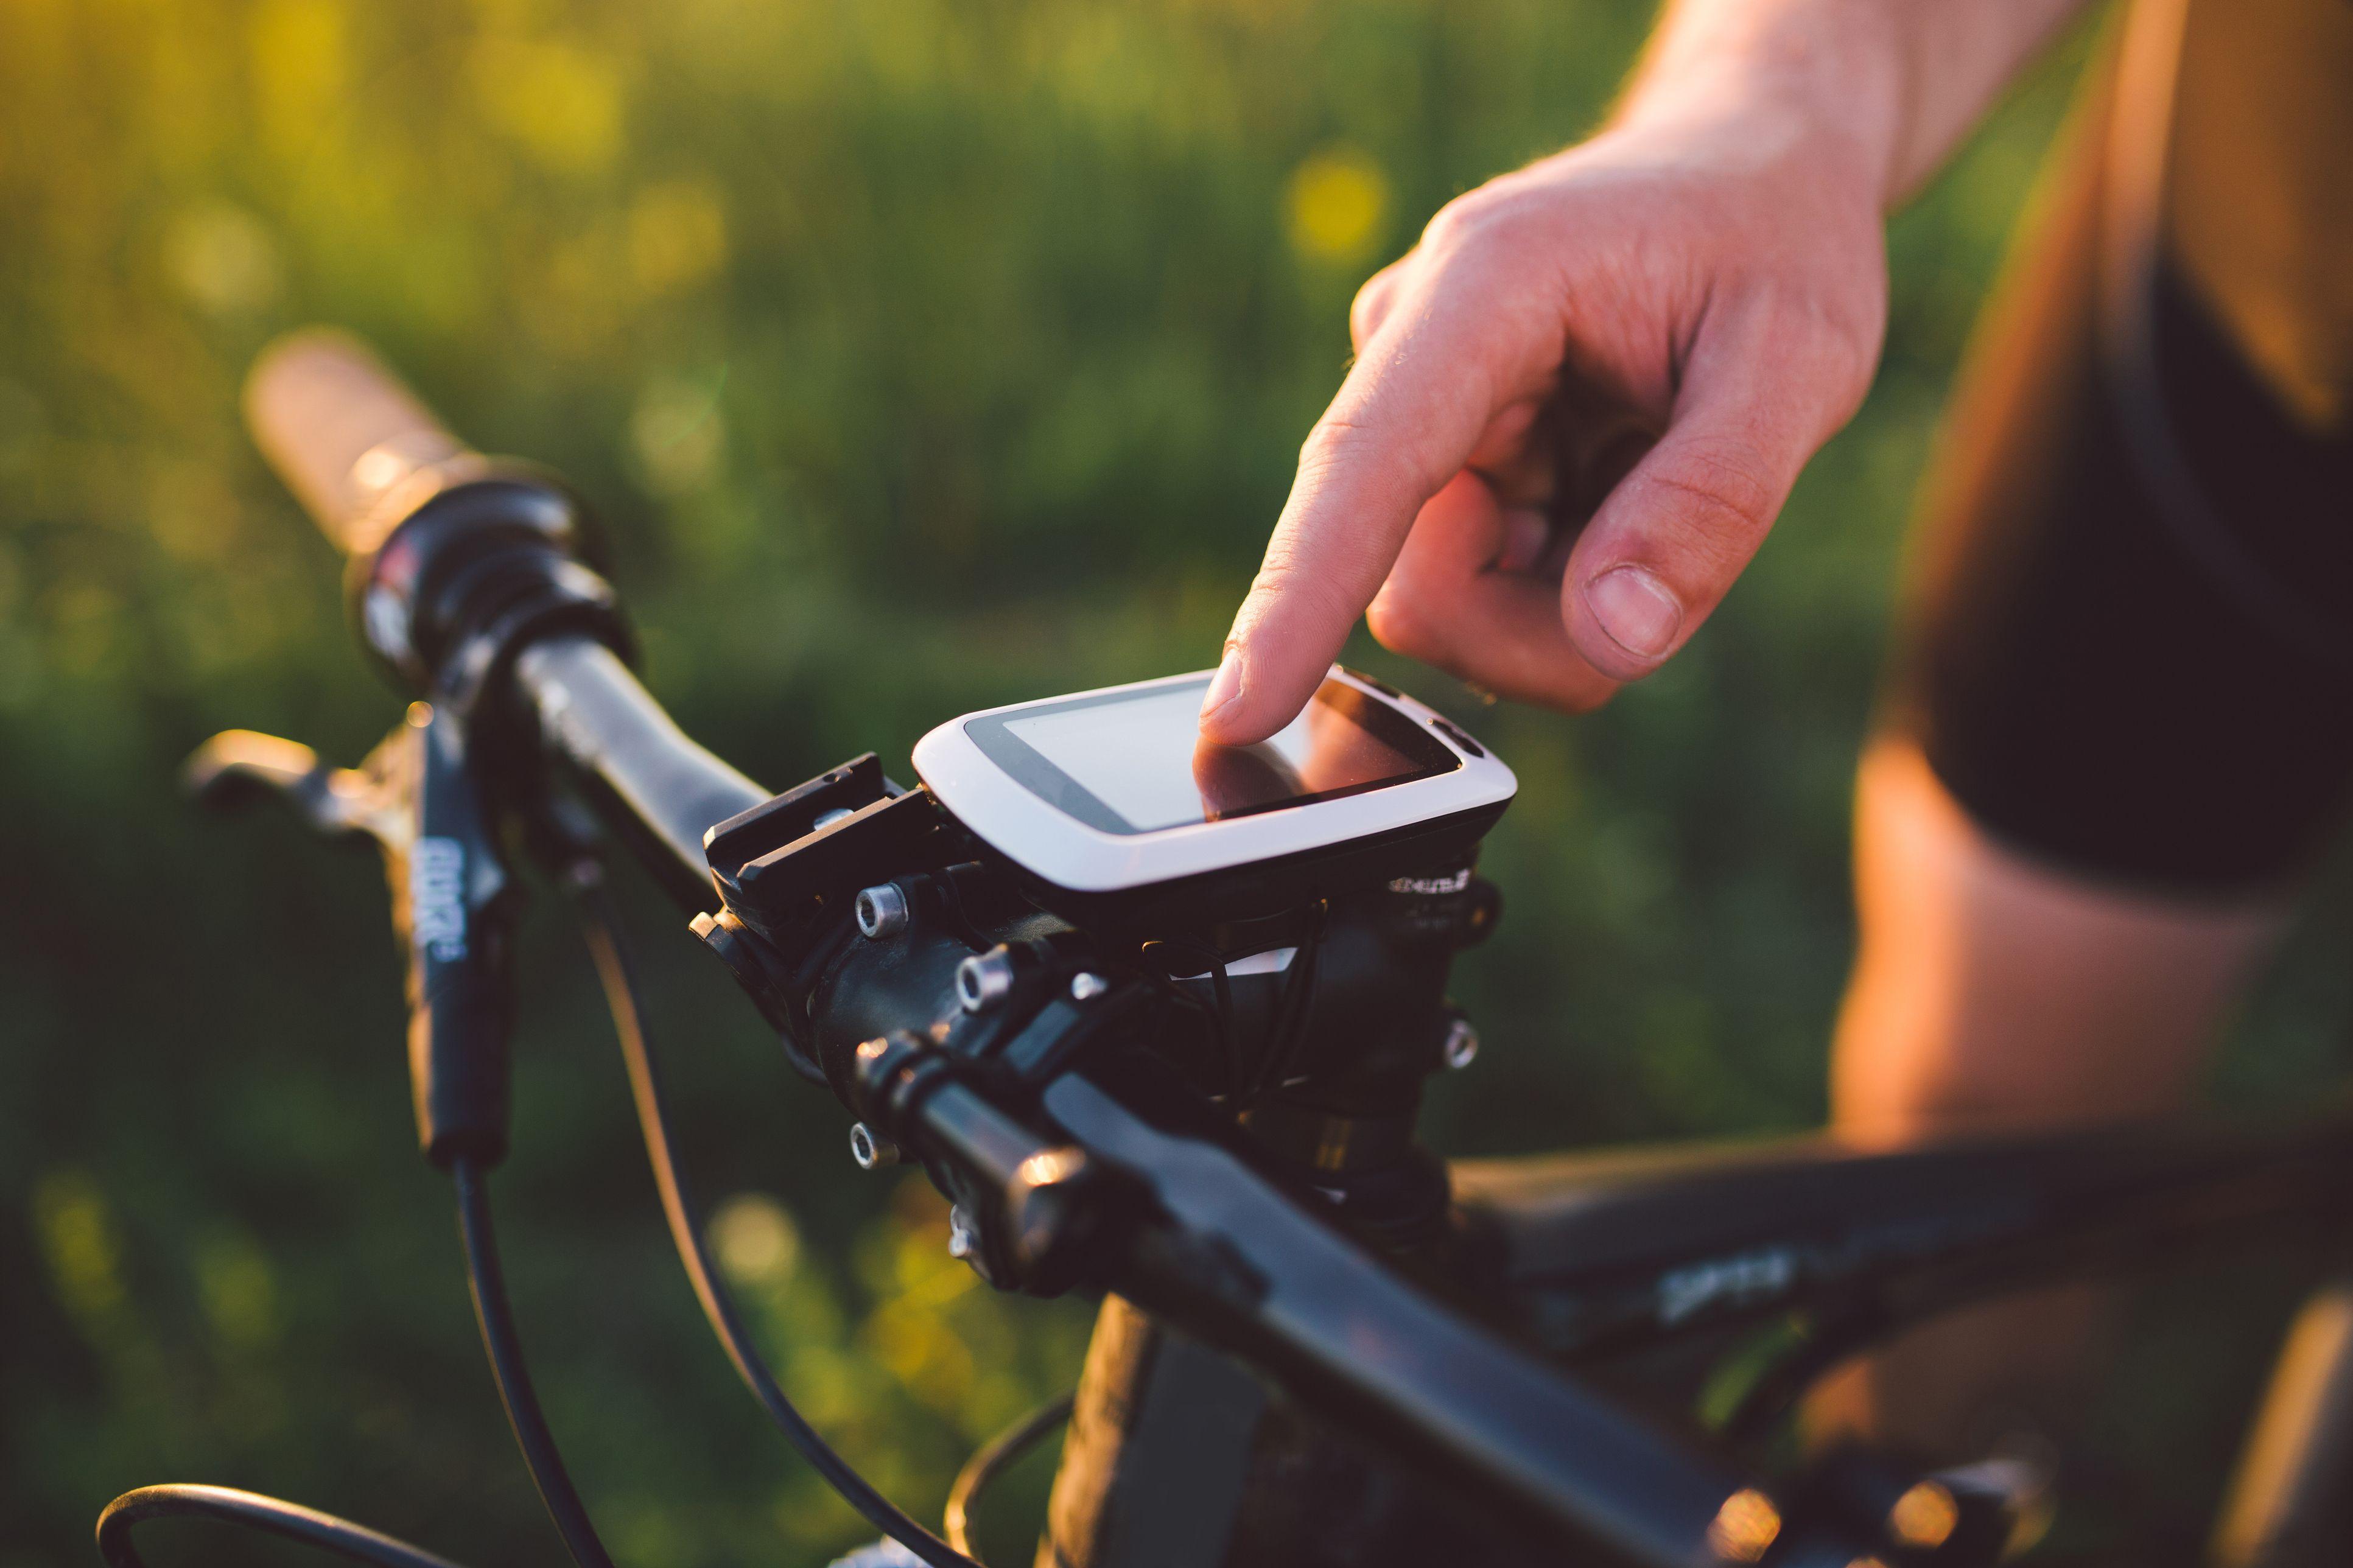 Smart Watch Sale 2019 | 10 Best Deals on Bike GPS Trackers